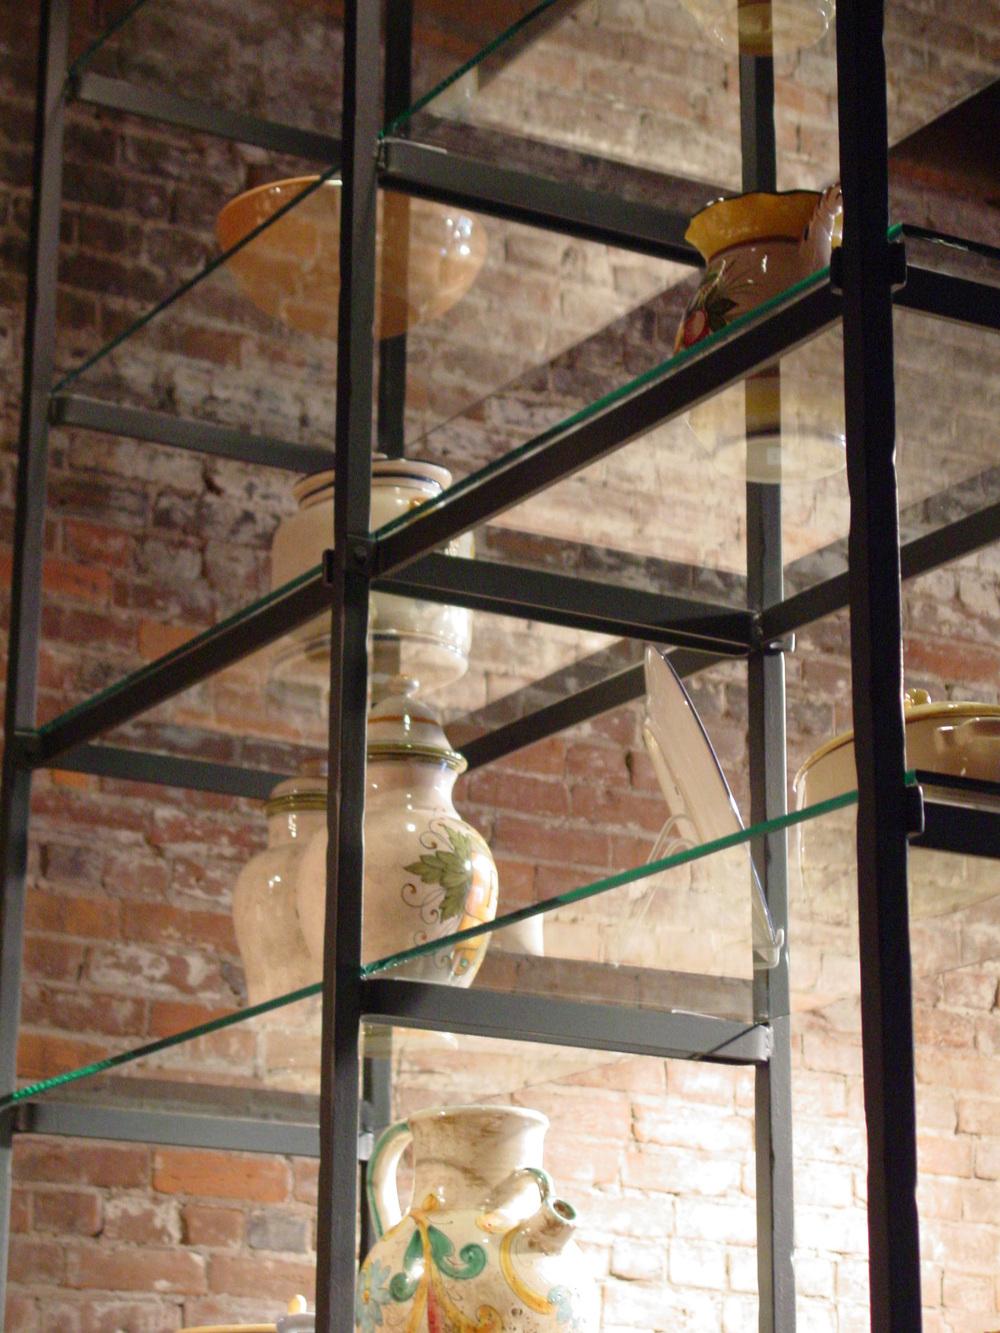 127_06_Perugino_shelves2.jpg